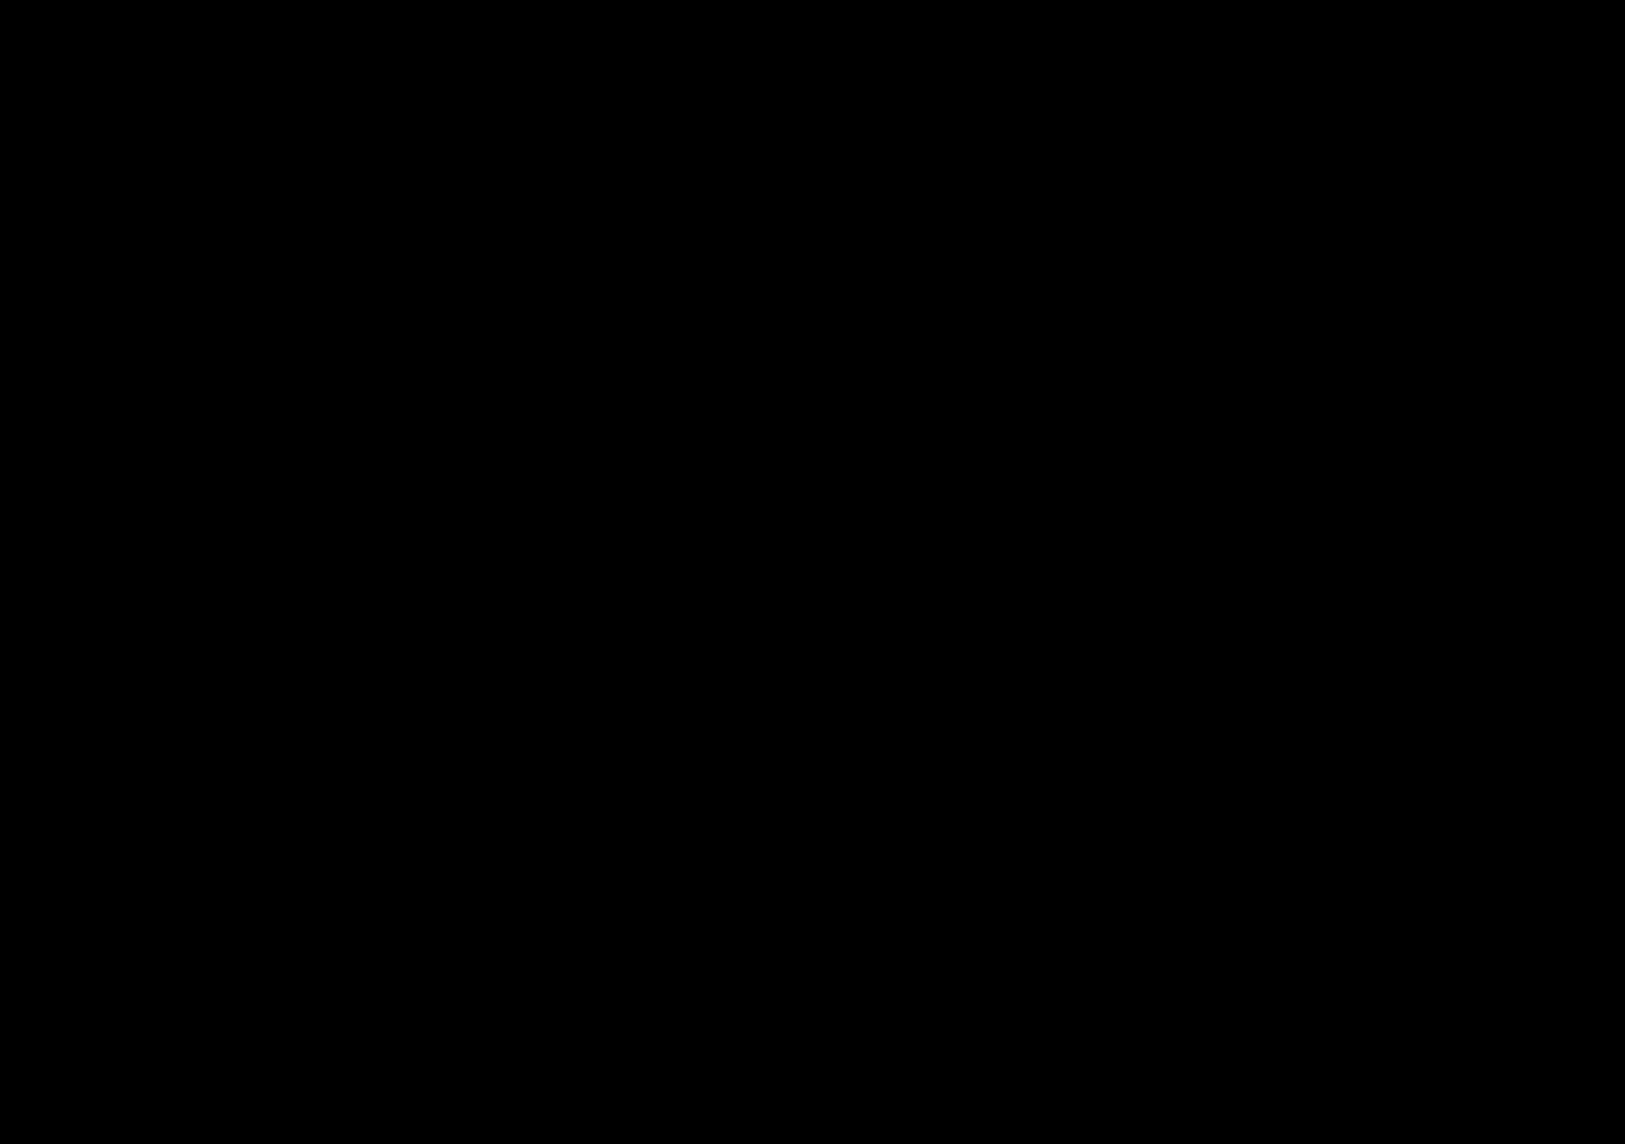 Casal Branco - Sociedade de Vinhos, S.A.